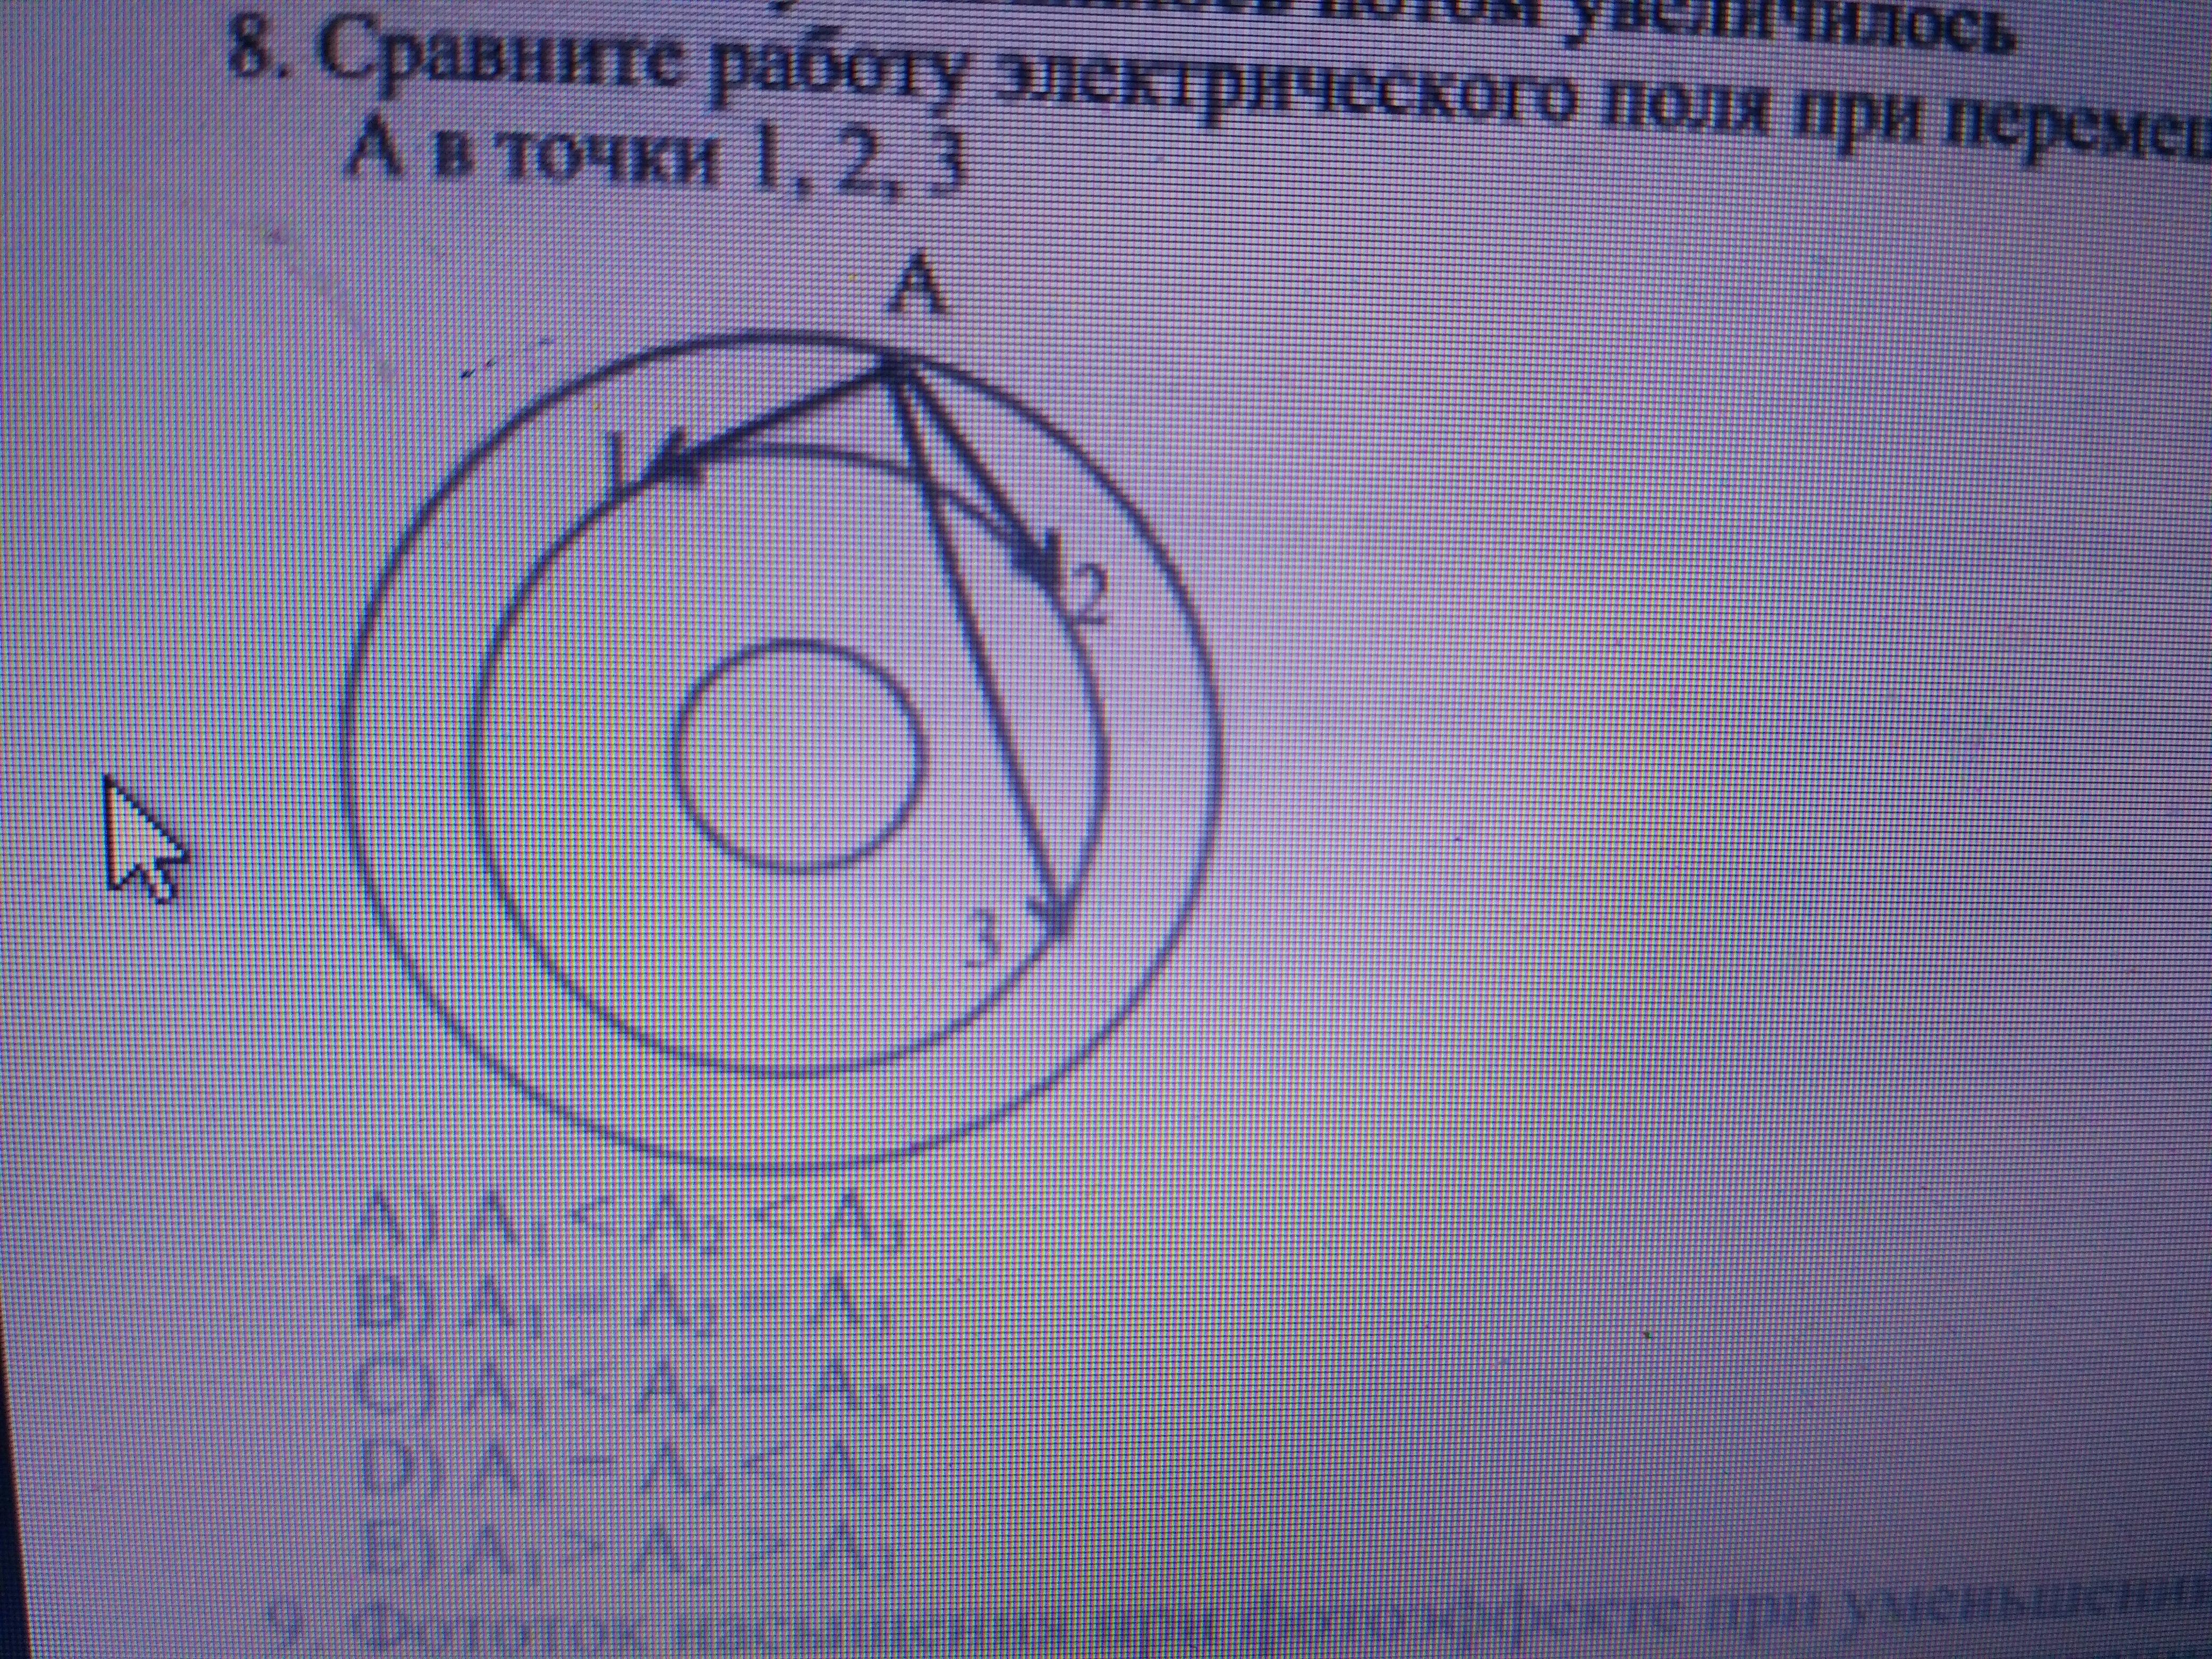 Сравните работу электрического поля при перемещении заряда из точки А в точки 1,2,3. Кто знает?